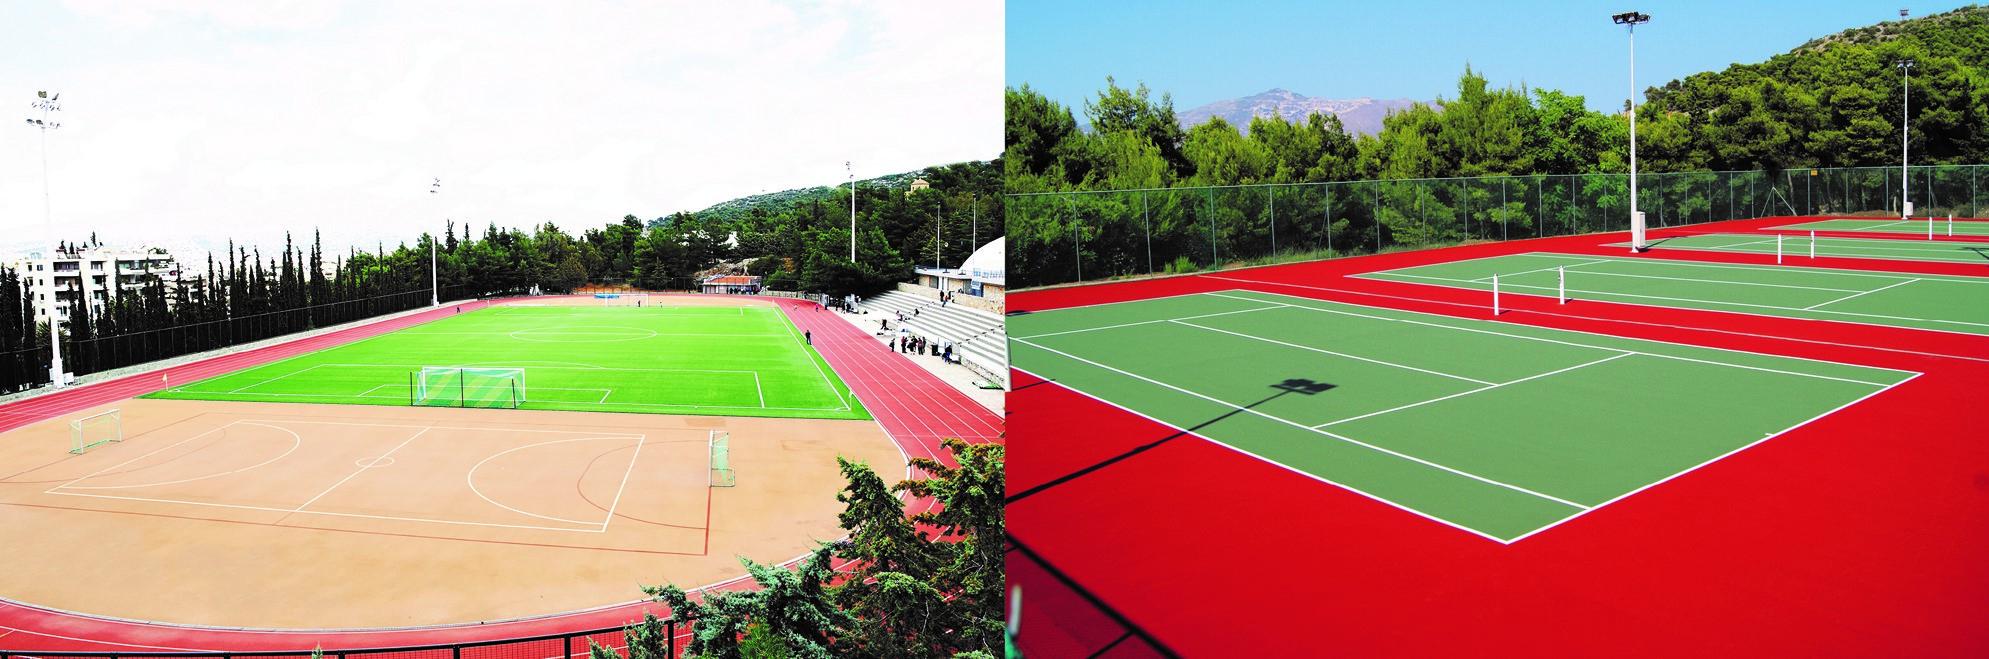 Χρήση γηπέδων τένις και στίβου για ατομική άθληση (ACG Fitness FULL members)